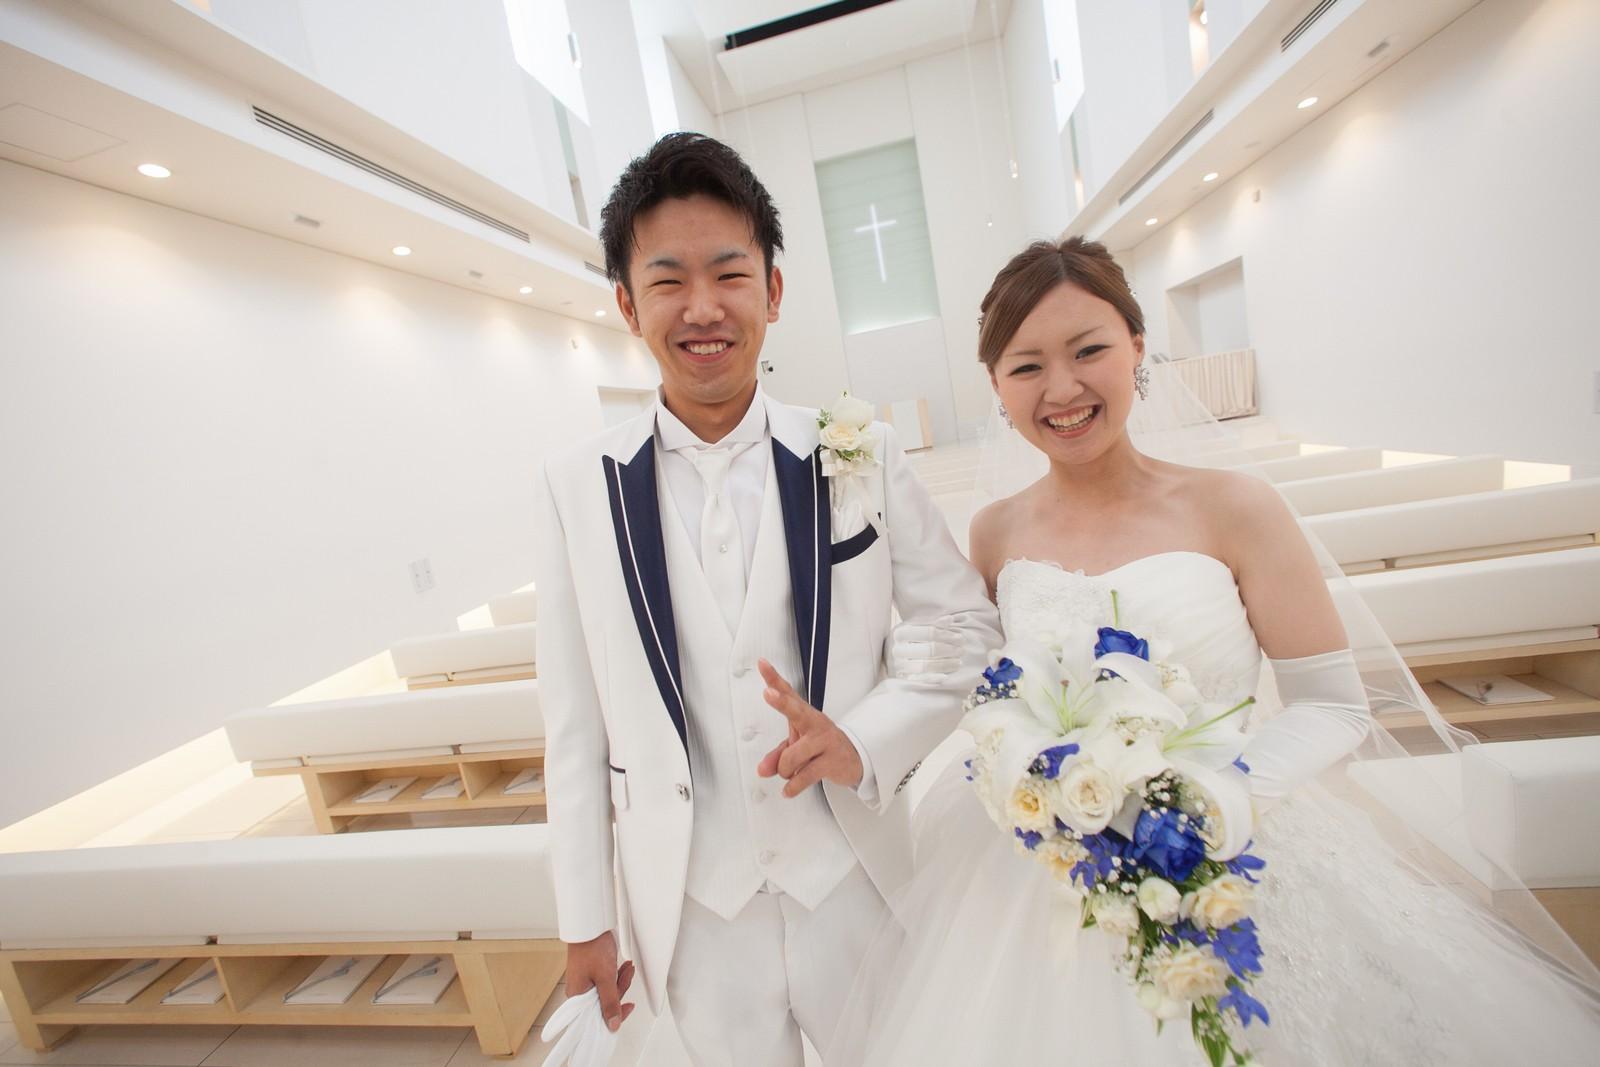 徳島市の結婚式場ブランアンジュでチャペル内での記念写真